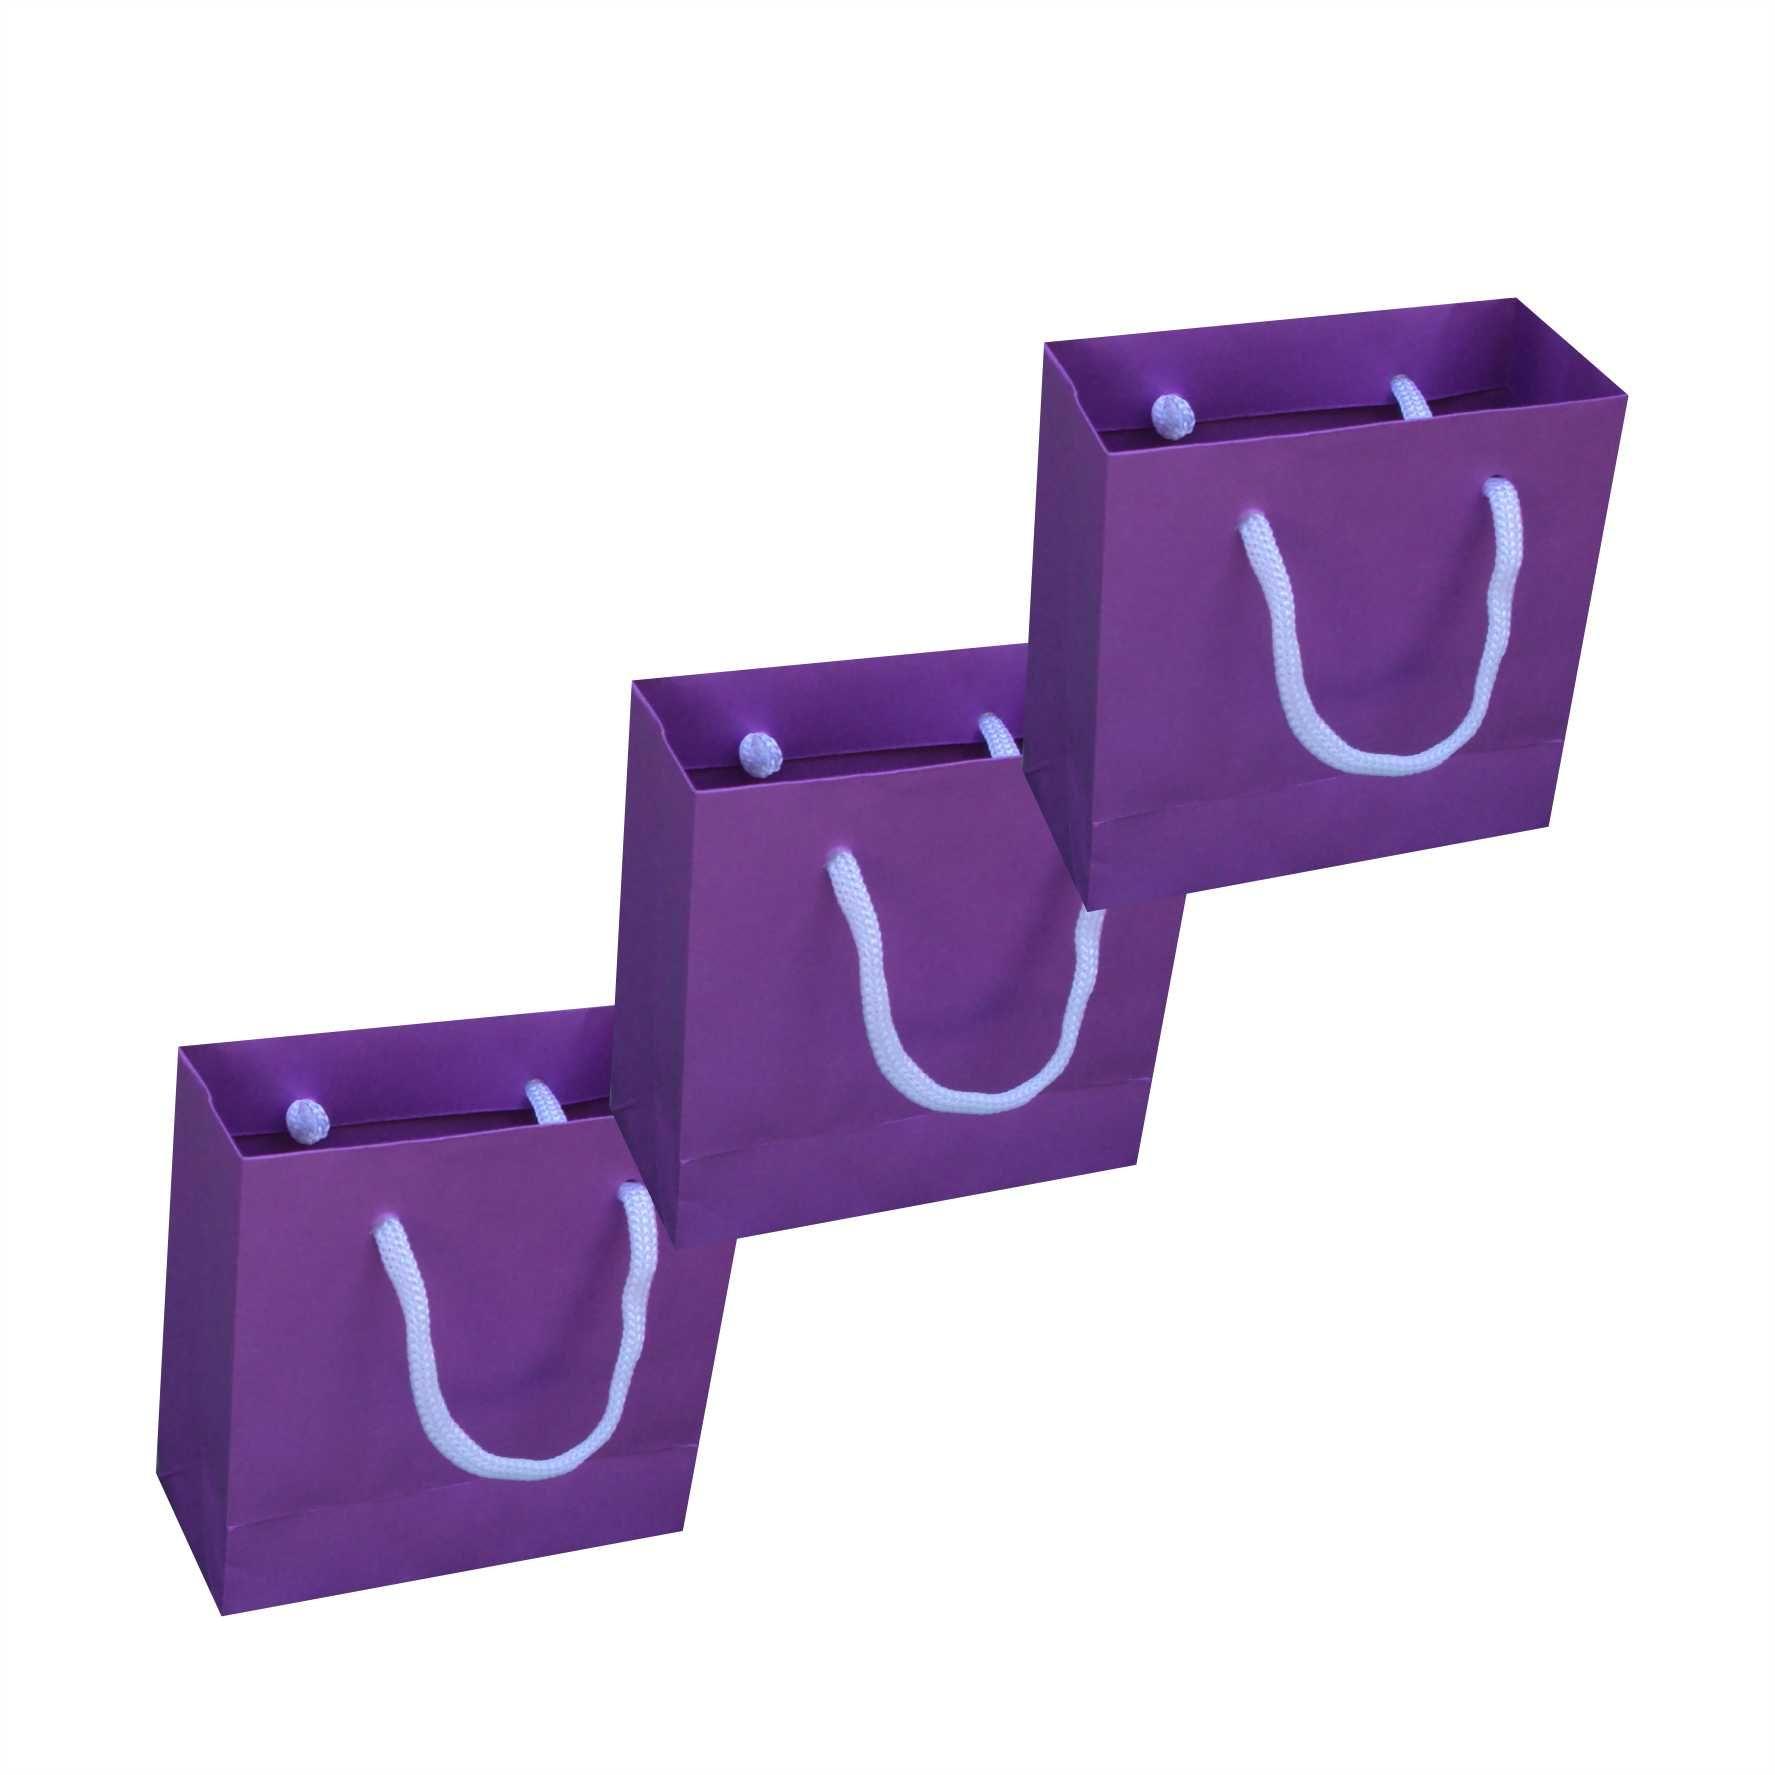 Sacola de papel mini (10x10x4,5 cm) - lilás - 10 unidades